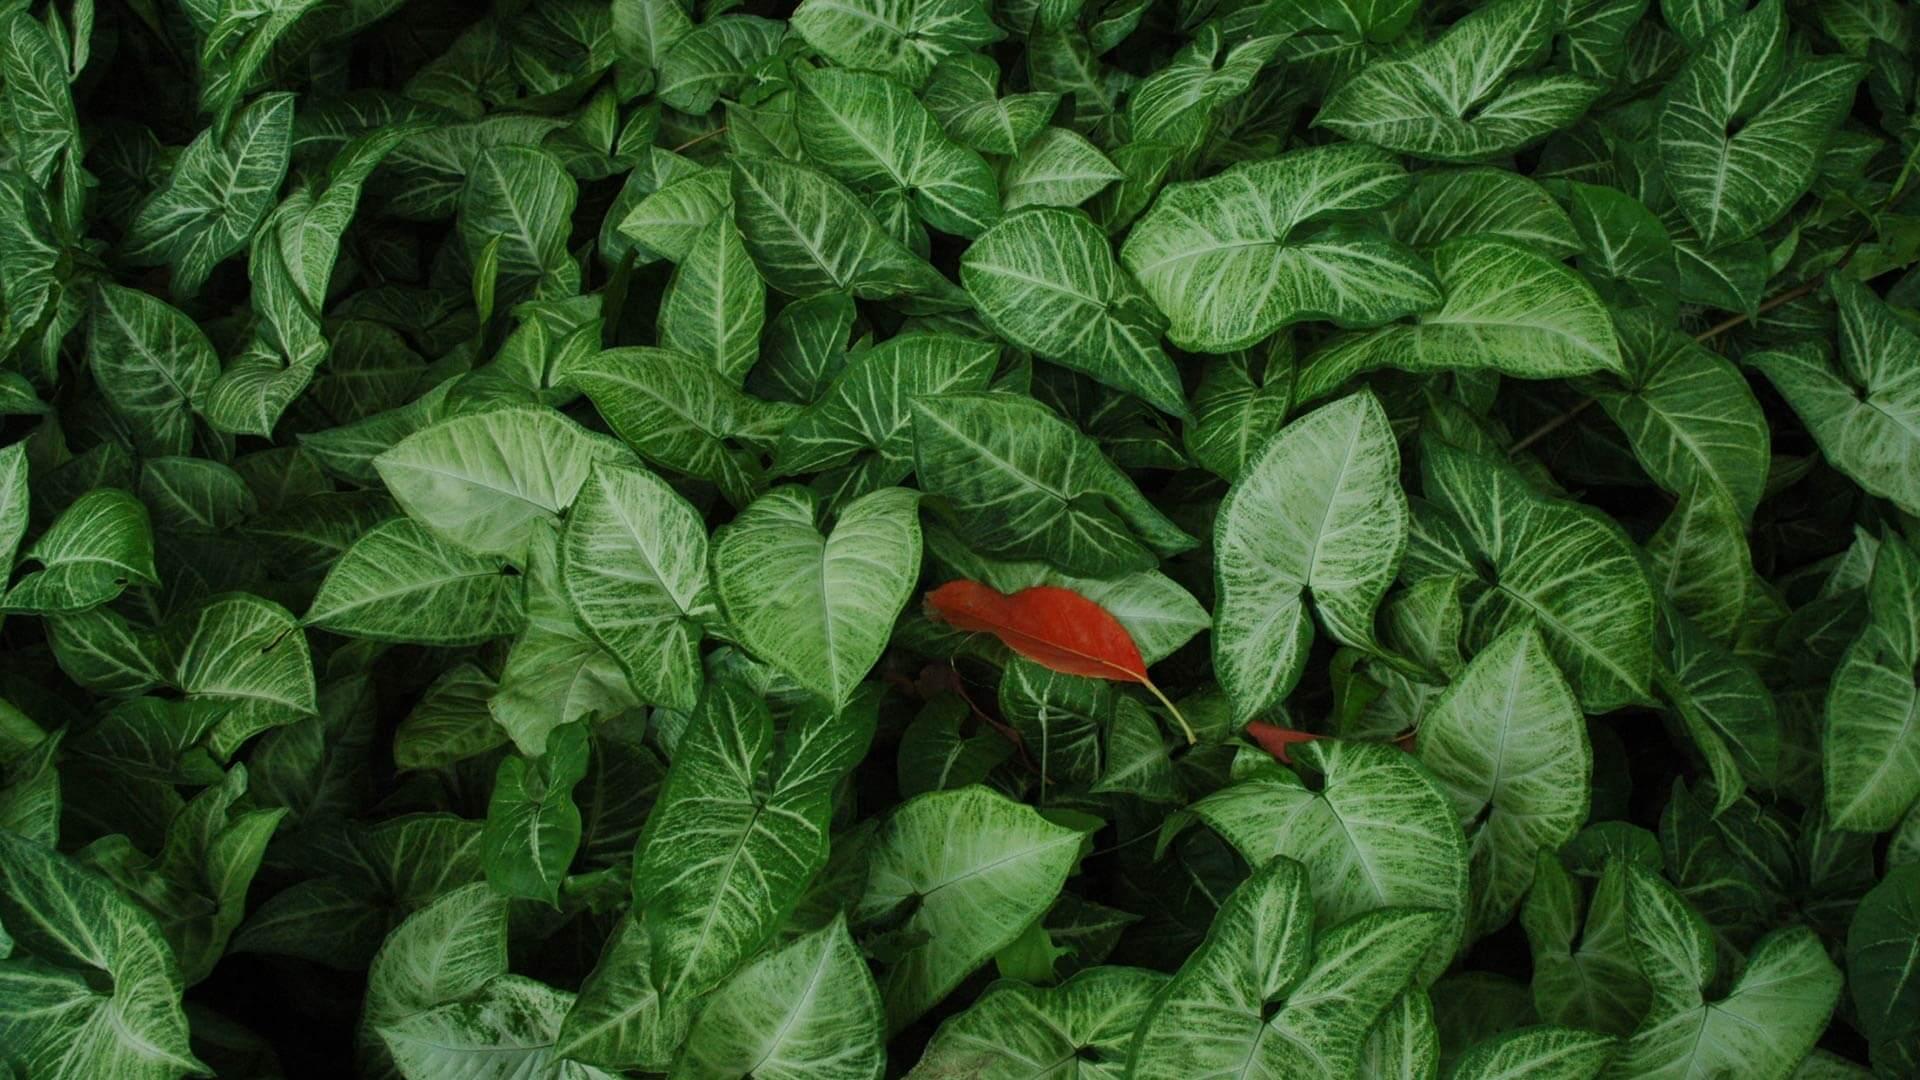 Individuum im Mainstream: Rotes Blatt zwischen vielen grünen Blättern